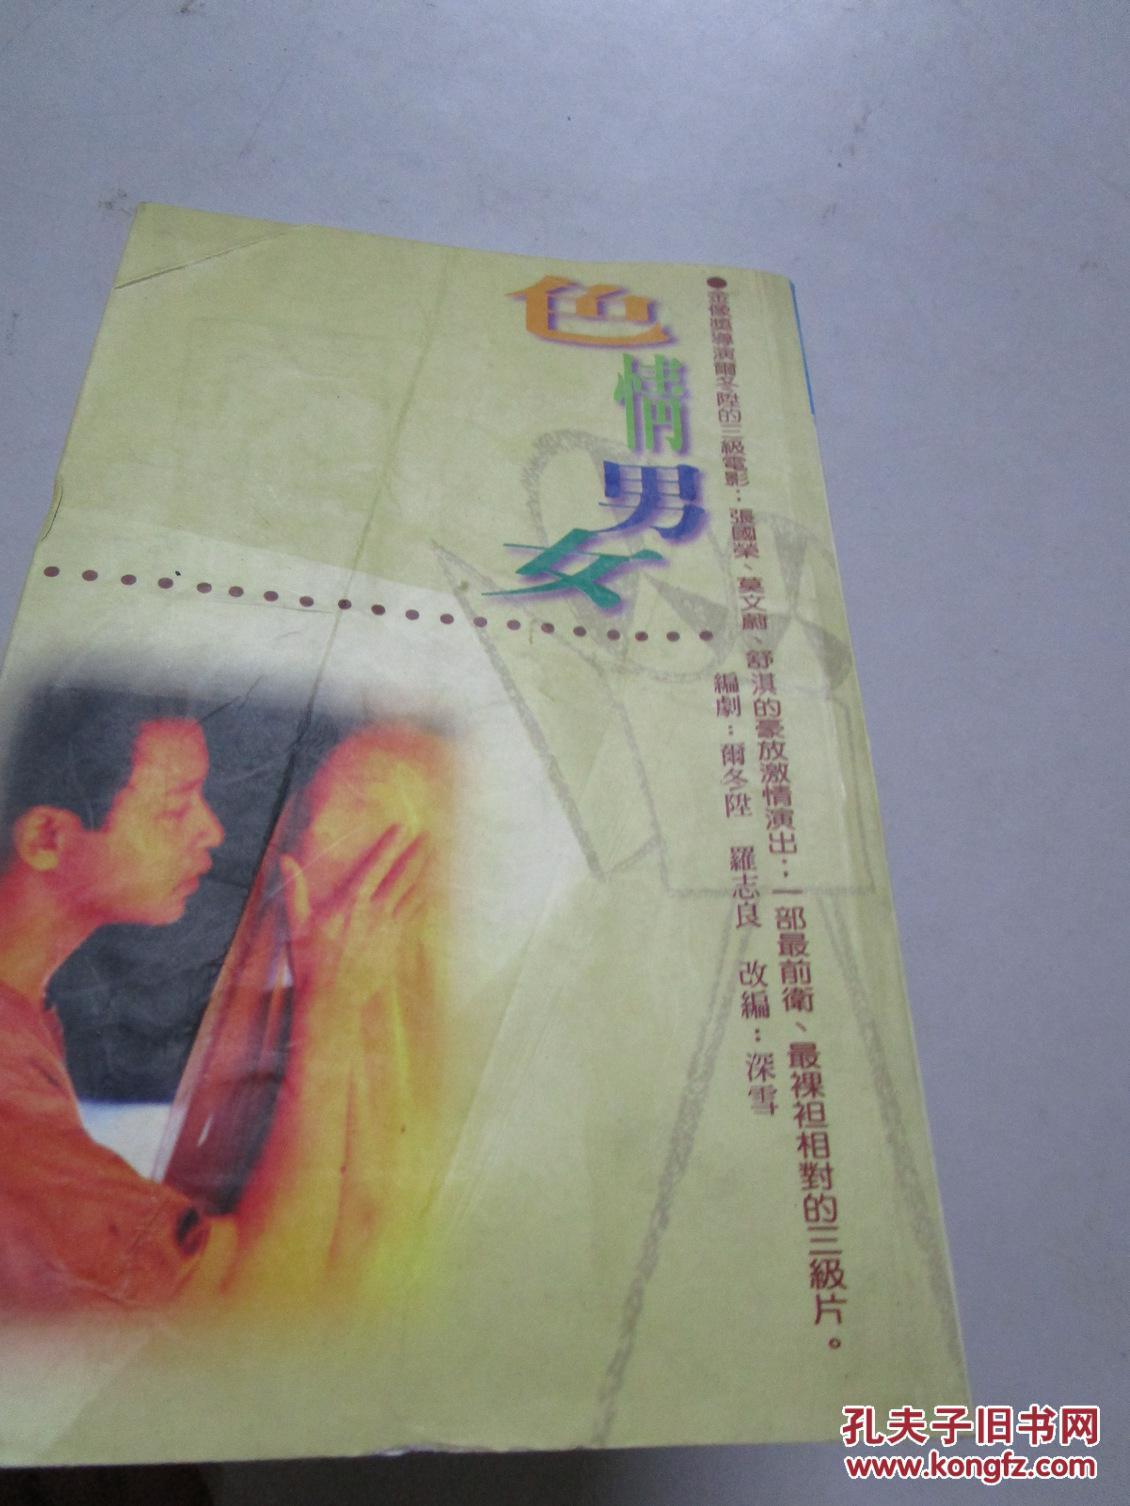 色情男女禄相_色情男女 (舒淇 莫文蔚 张国荣 主演)电影小说 7品